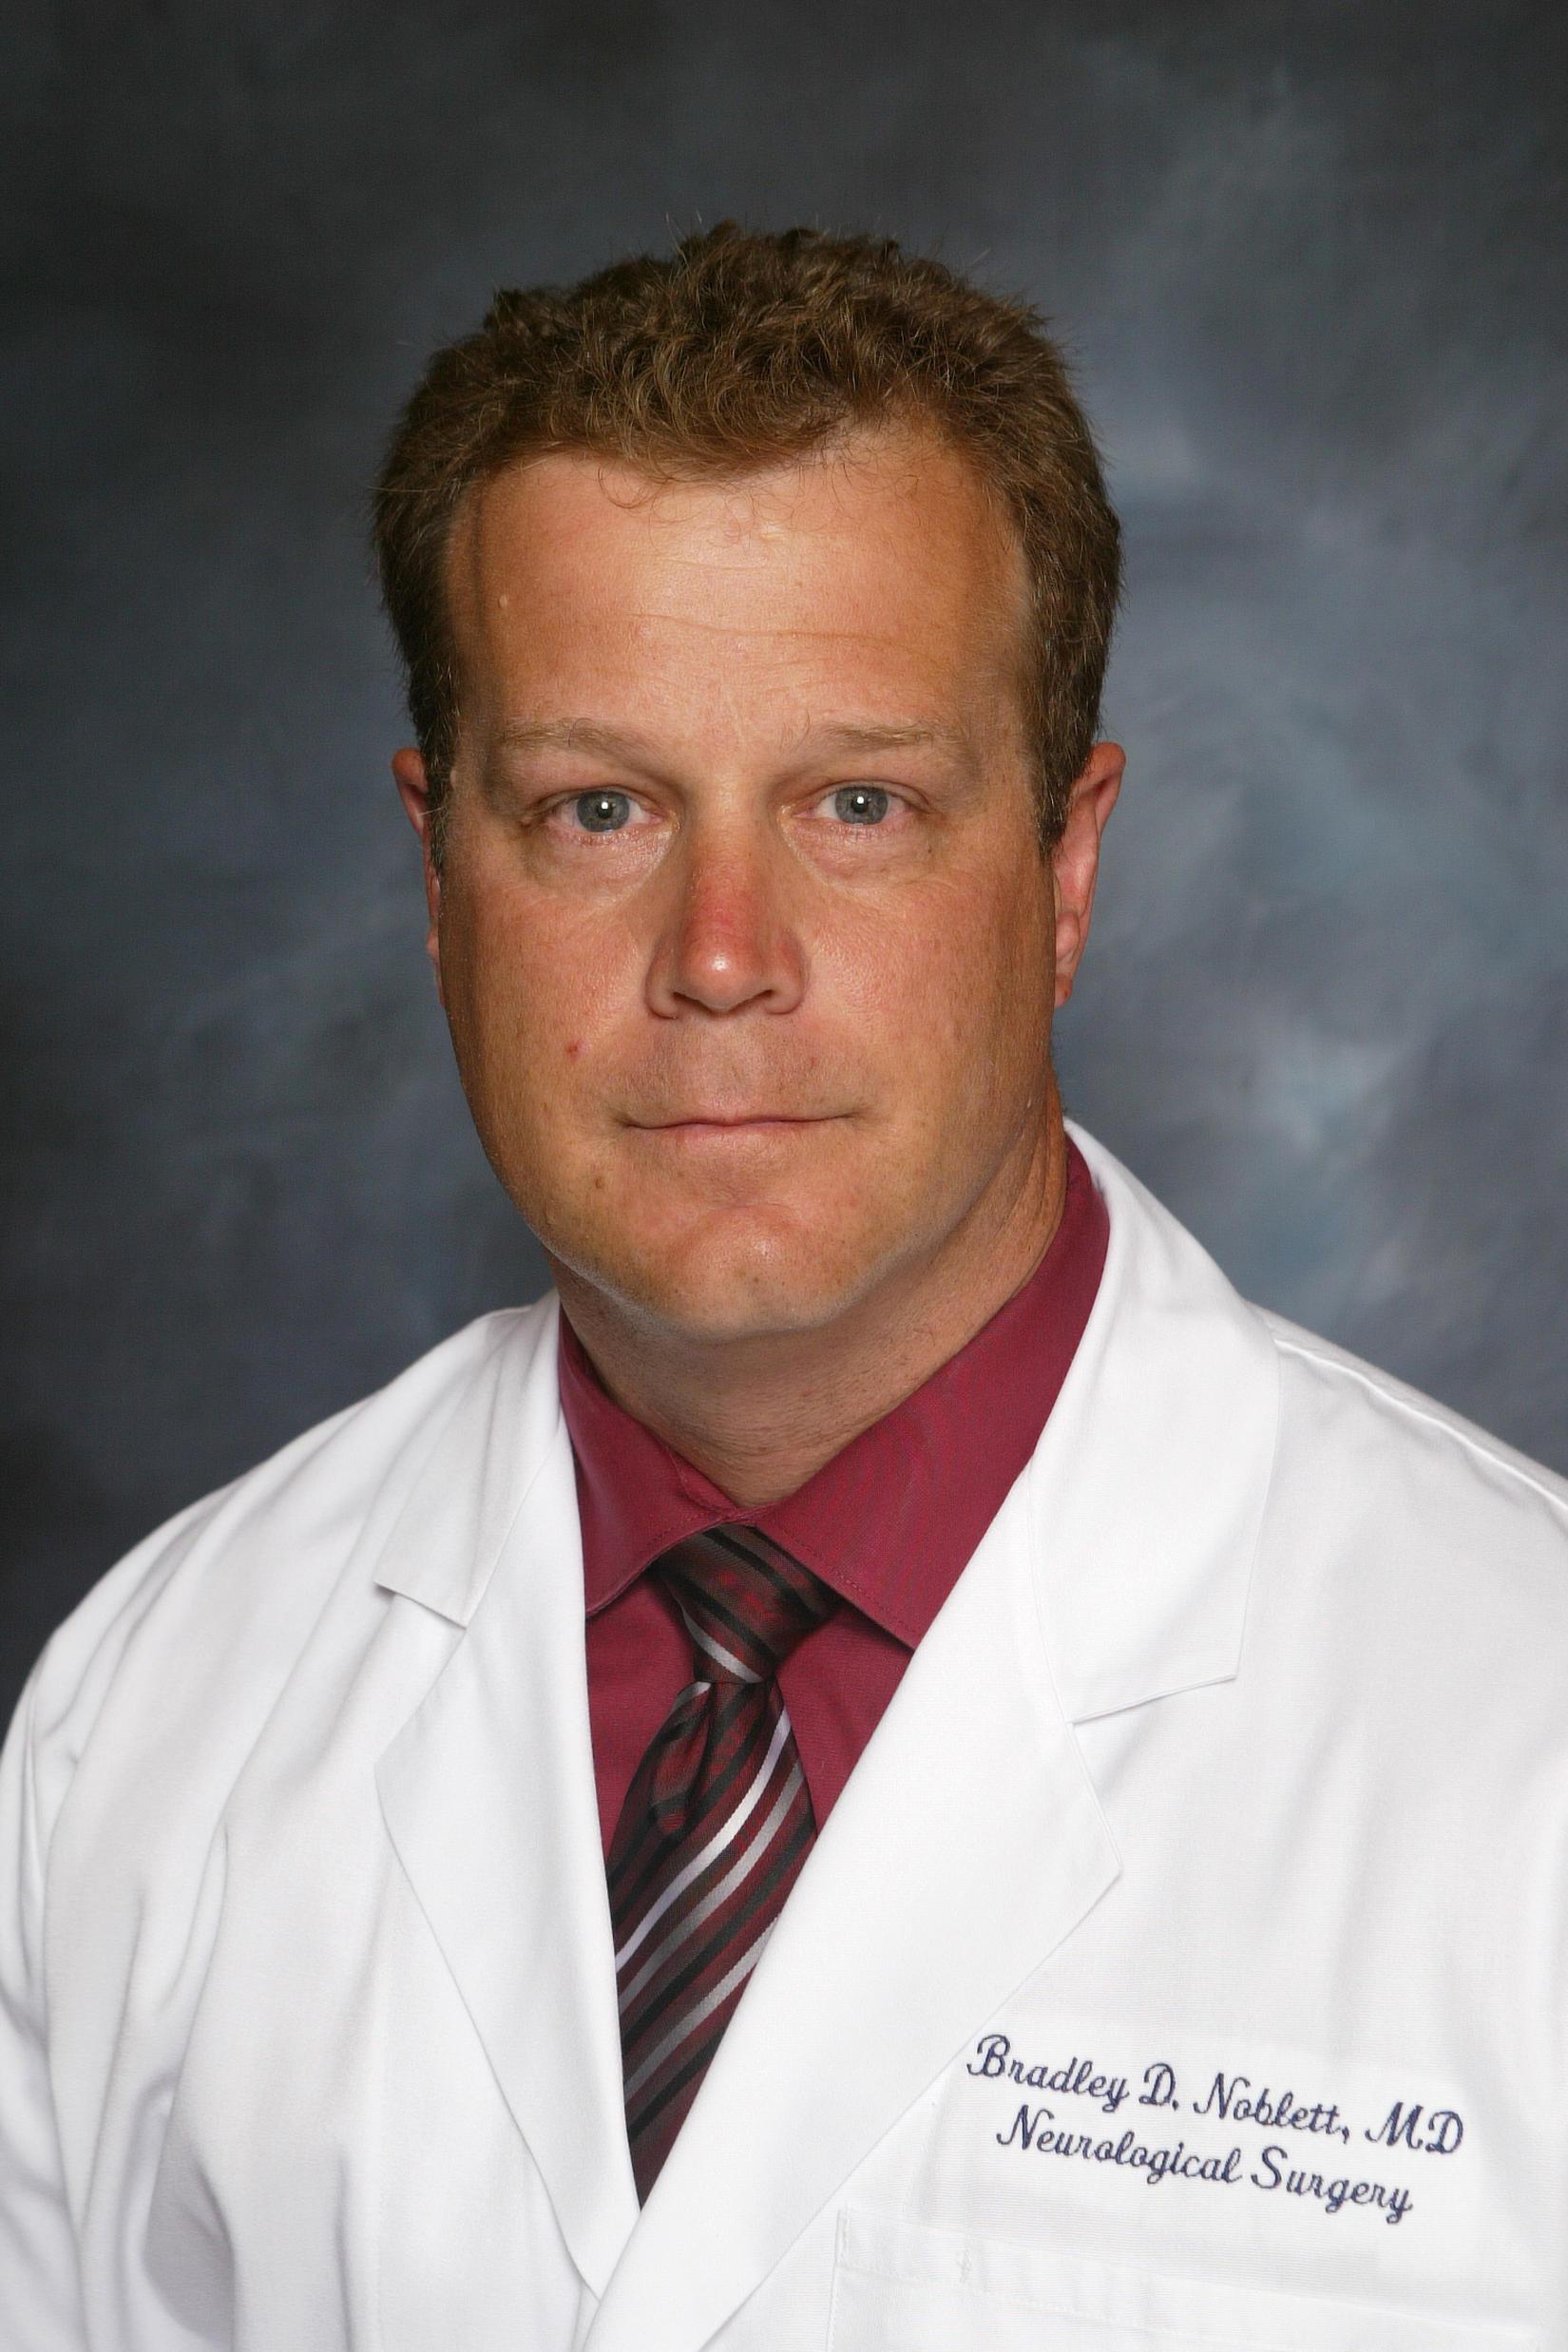 Image For Dr. Bradley D. Noblett MD